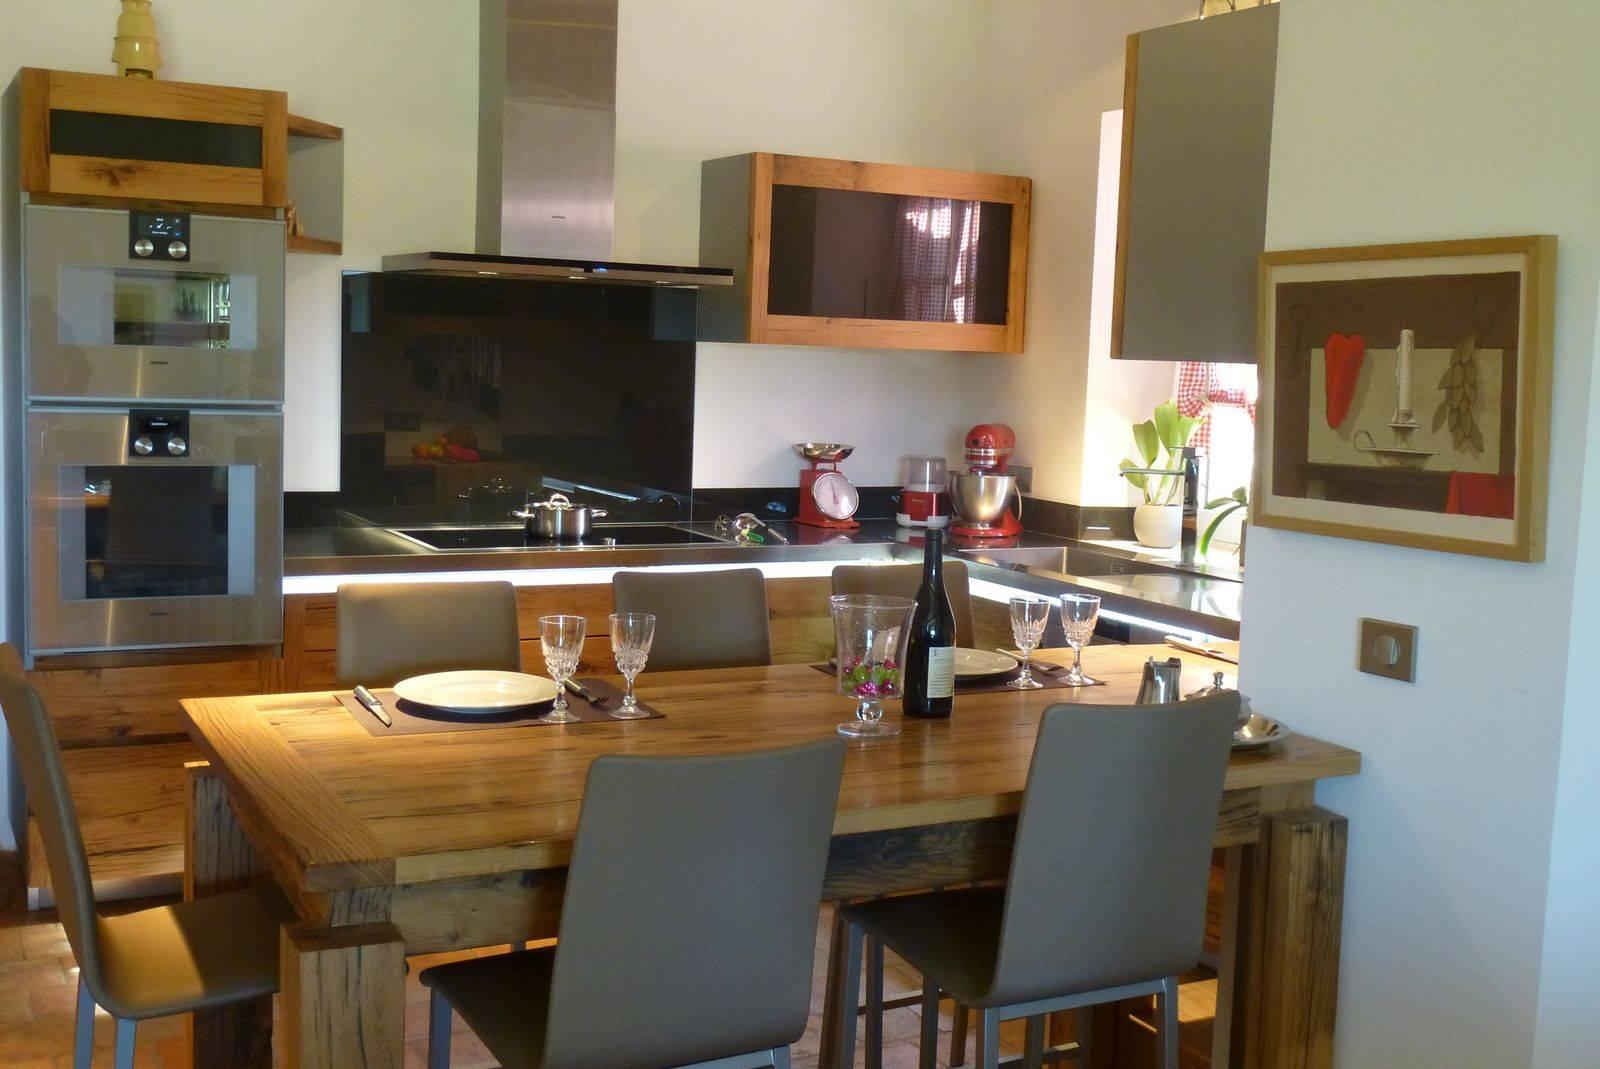 cuisine contemporaine en bois massif sur mesure dans le luberon mod le antik atelier bois deco. Black Bedroom Furniture Sets. Home Design Ideas